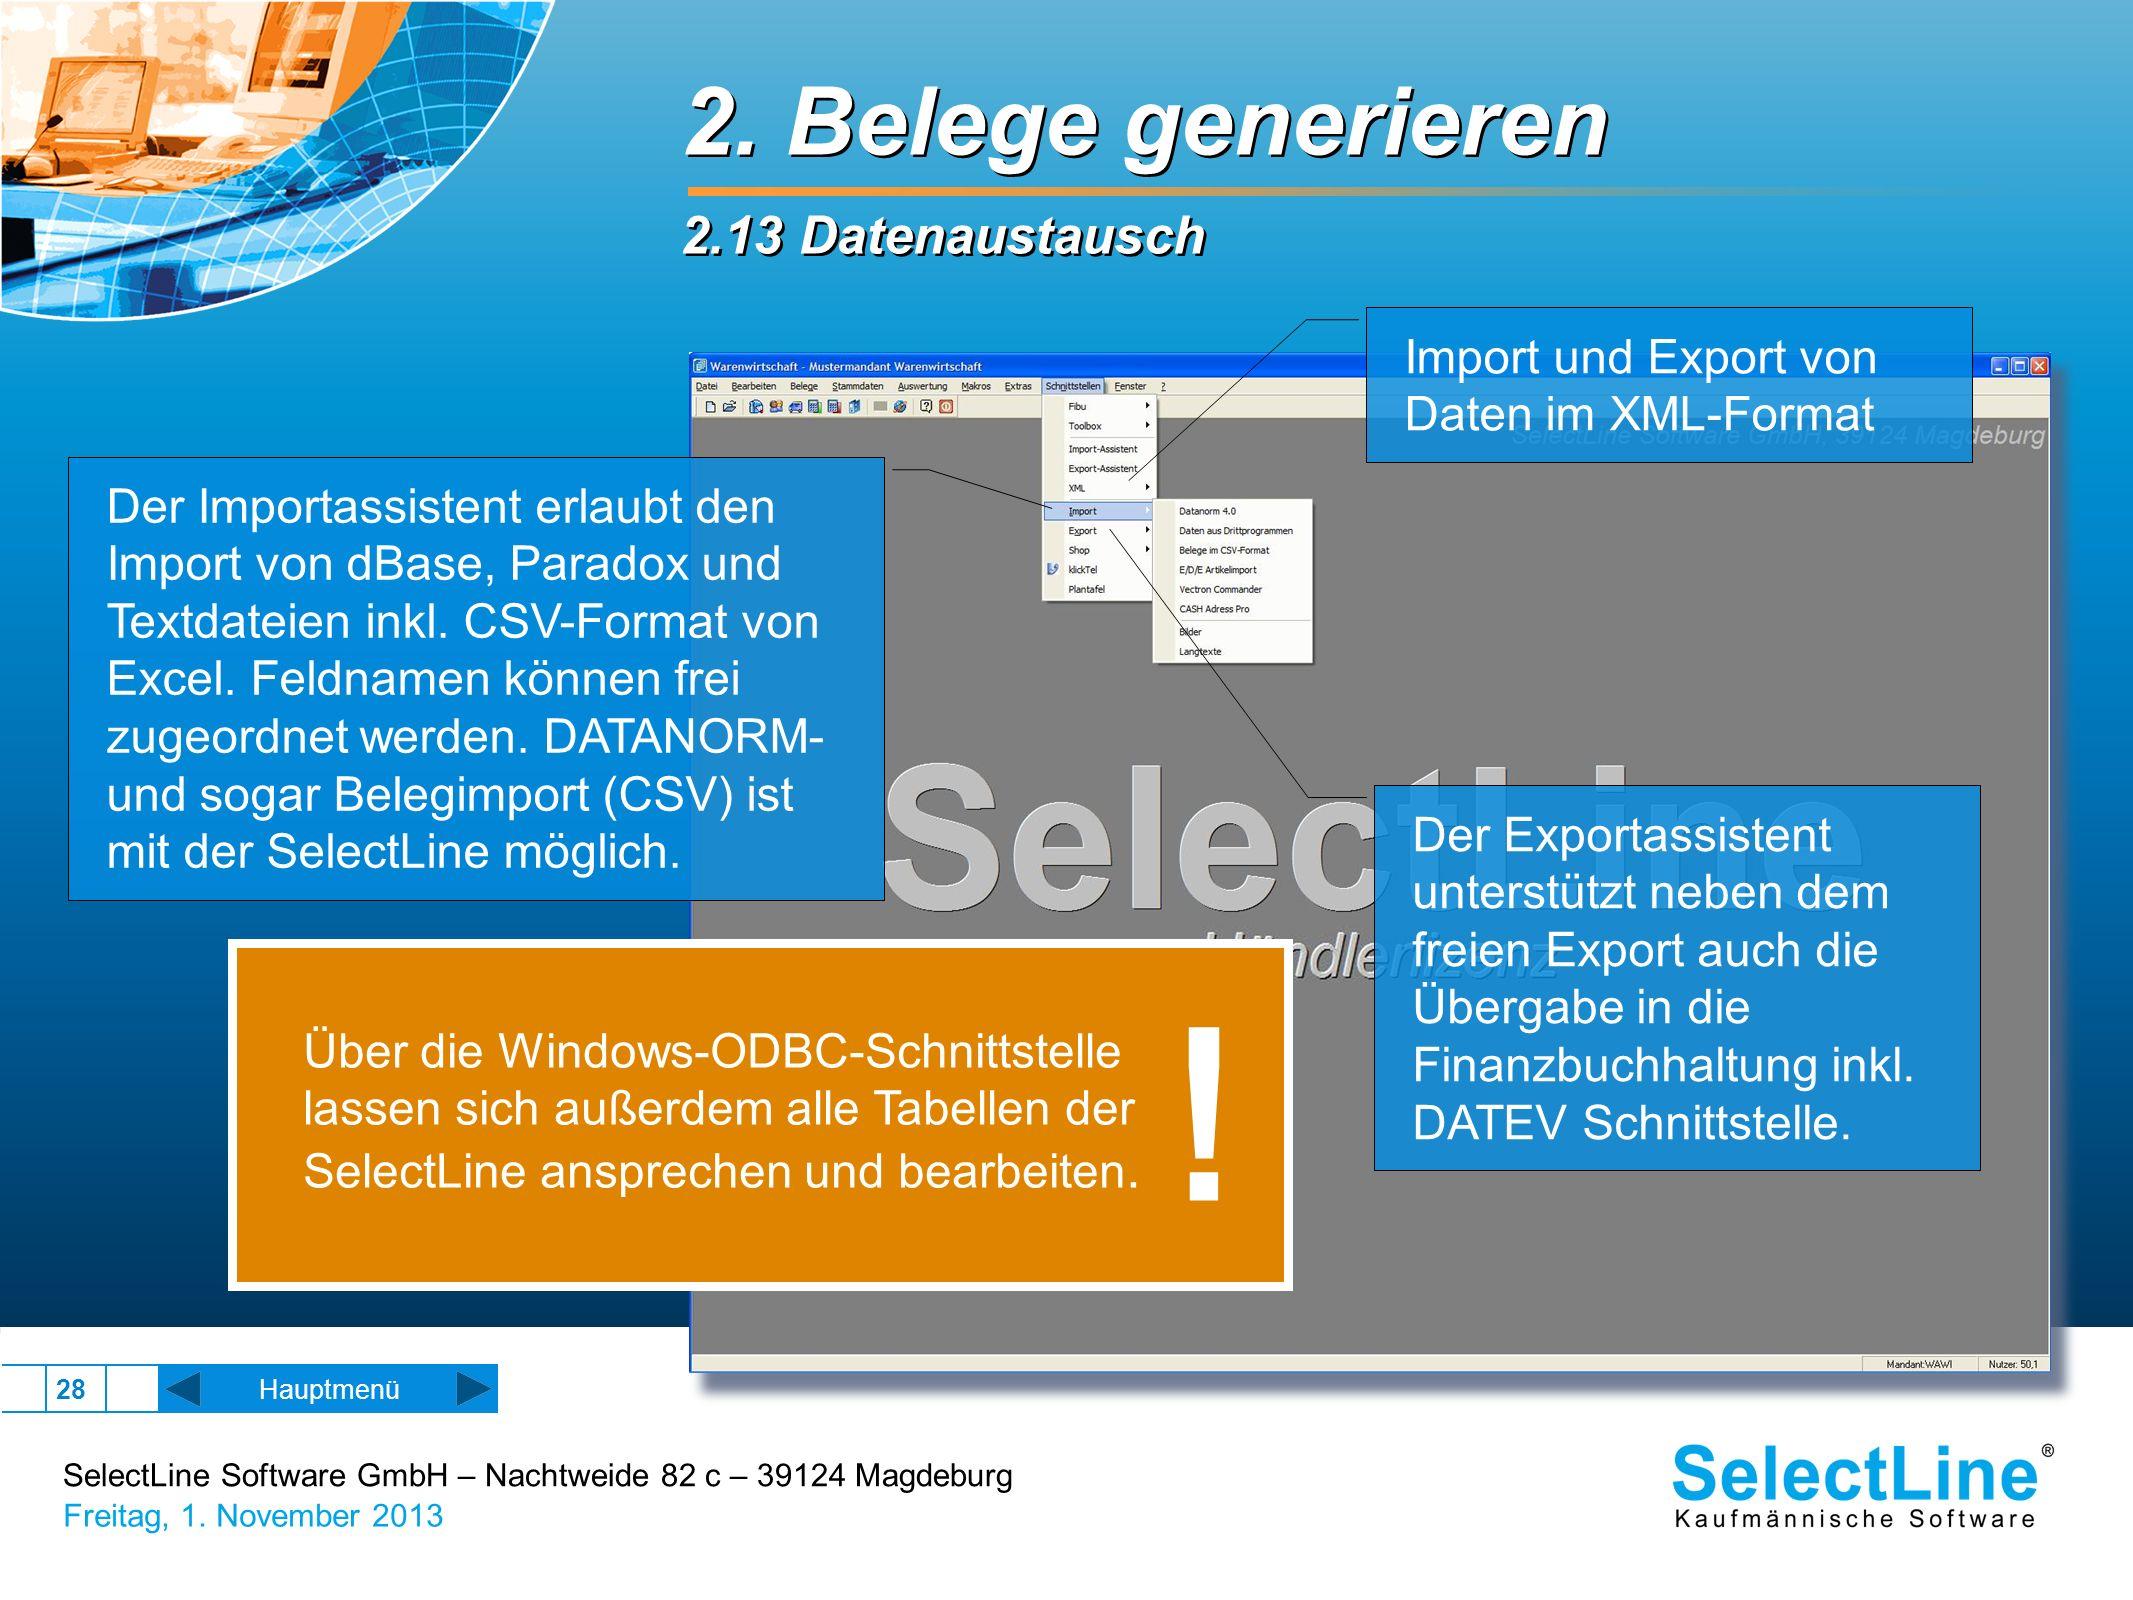 SelectLine Software GmbH – Nachtweide 82 c – 39124 Magdeburg Freitag, 1. November 2013 28 2. Belege generieren 2.13 Datenaustausch 2. Belege generiere